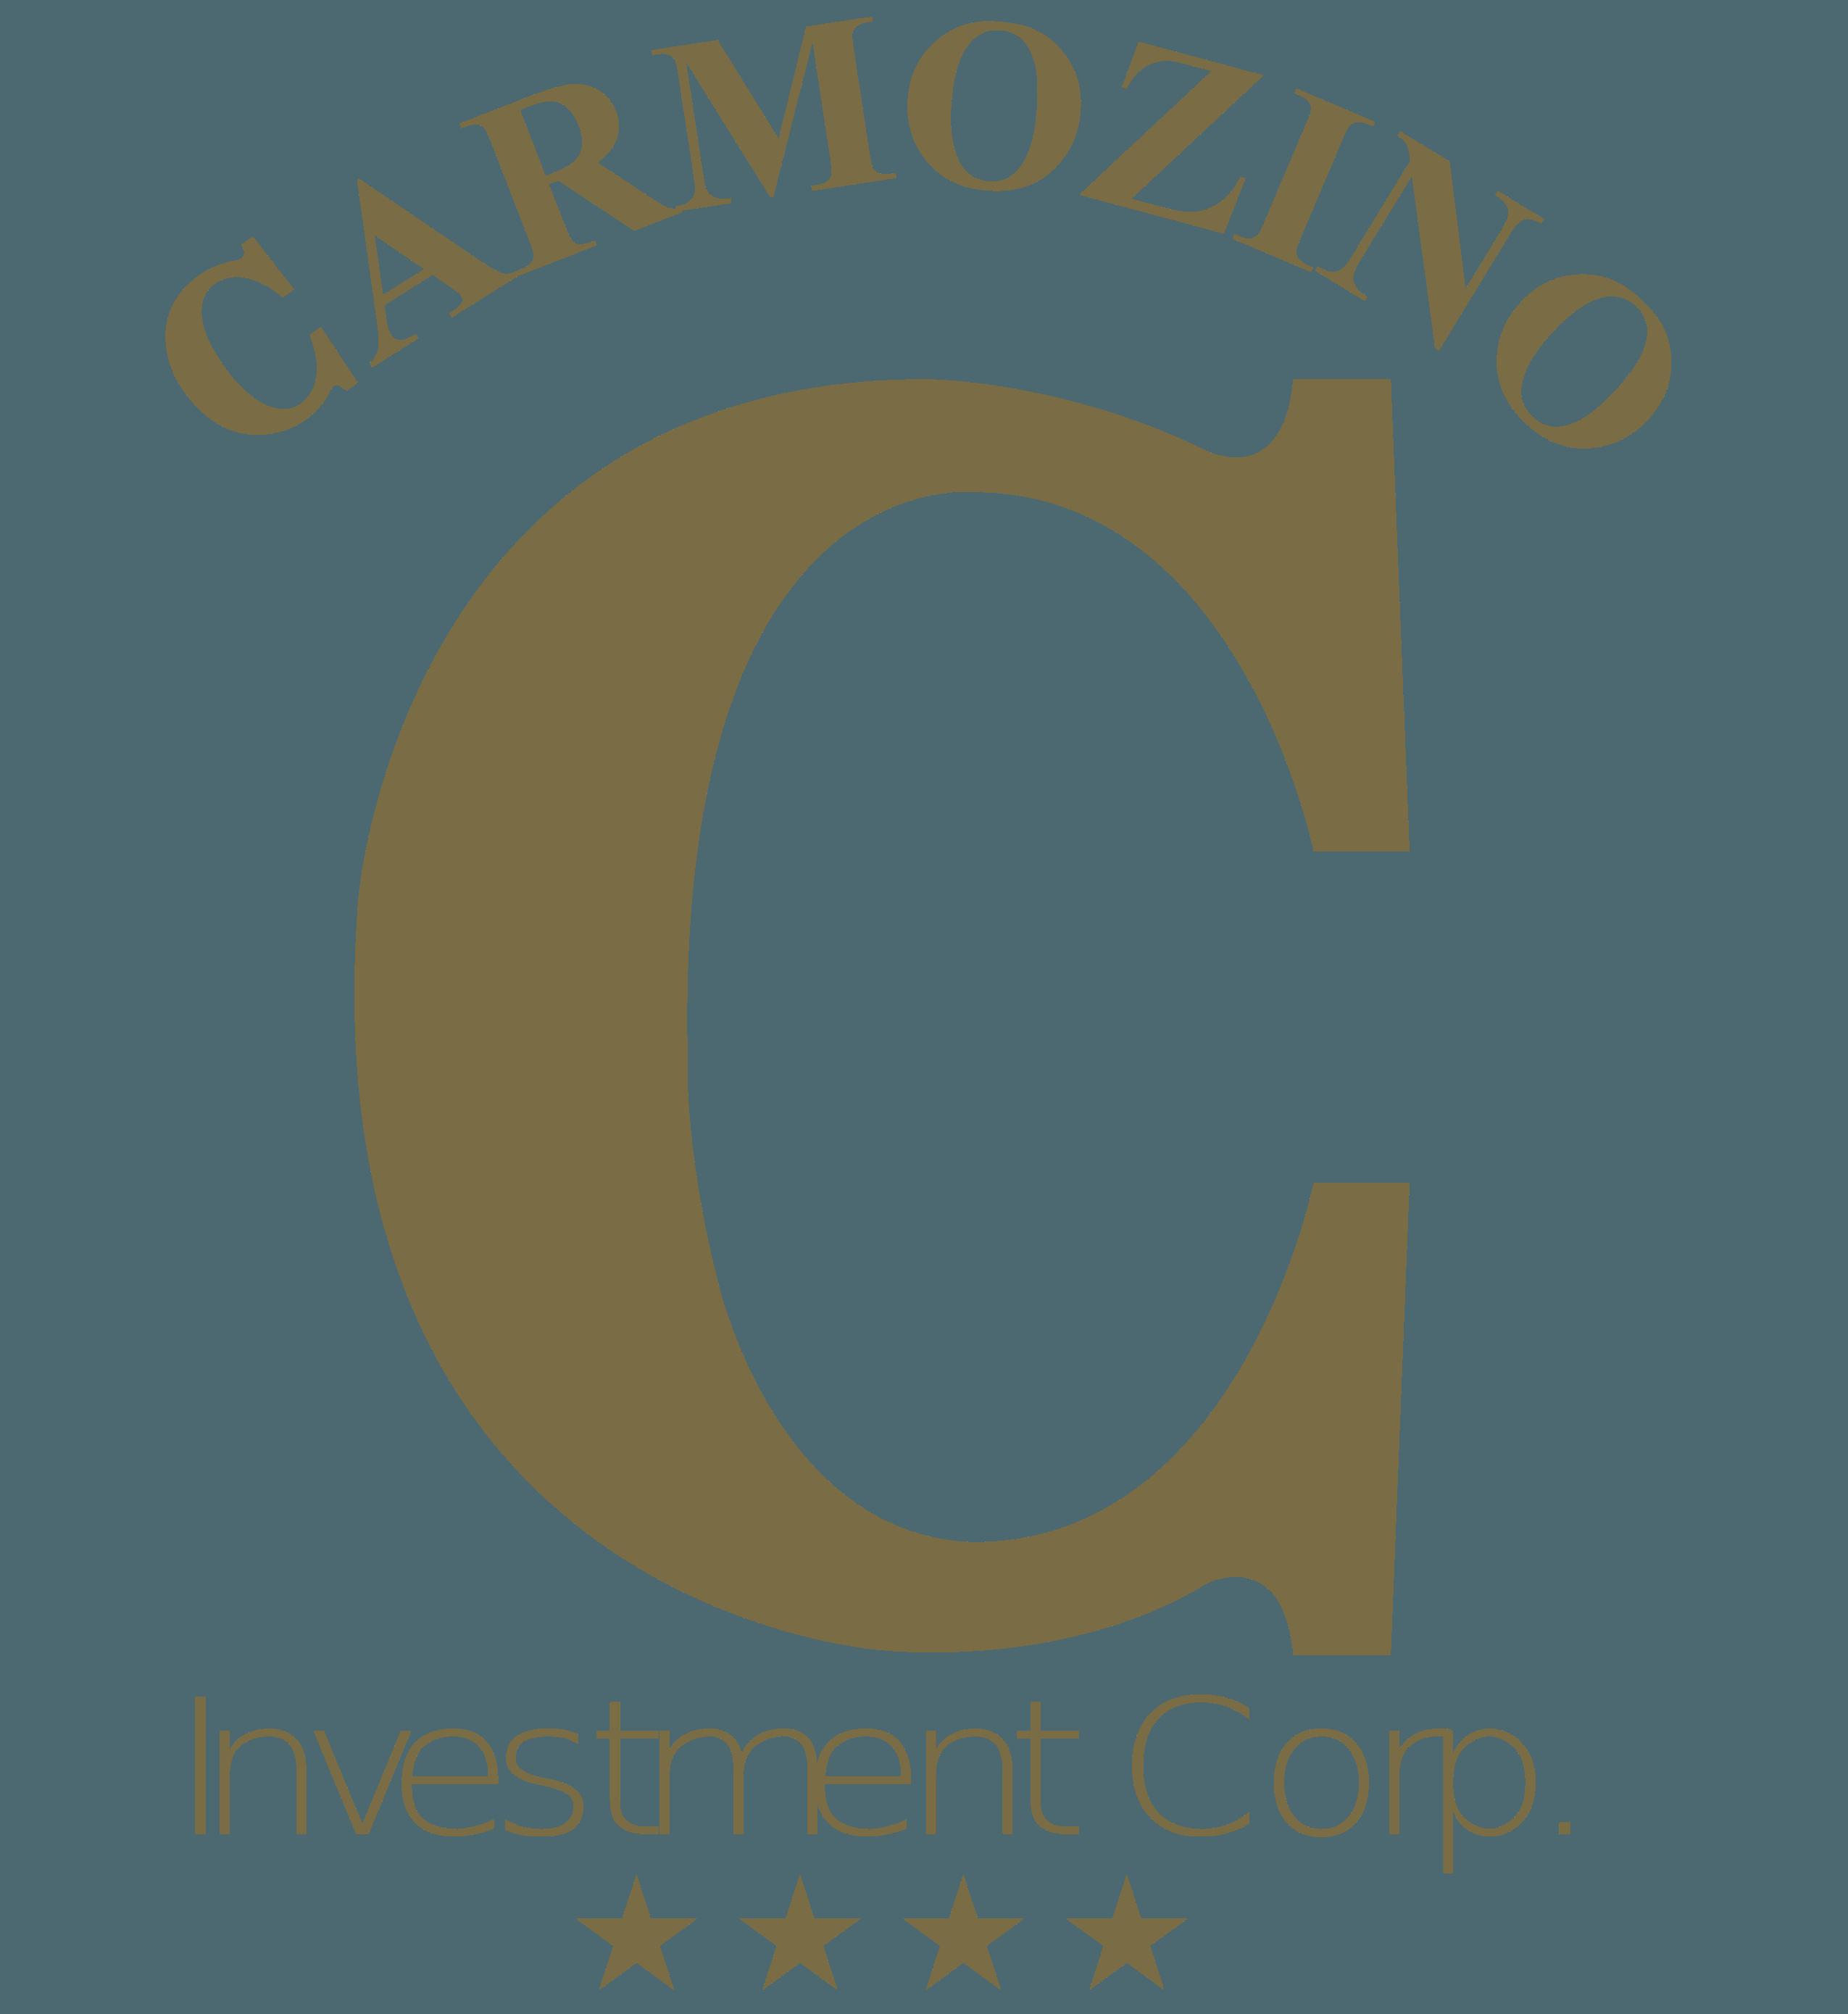 Carmozino